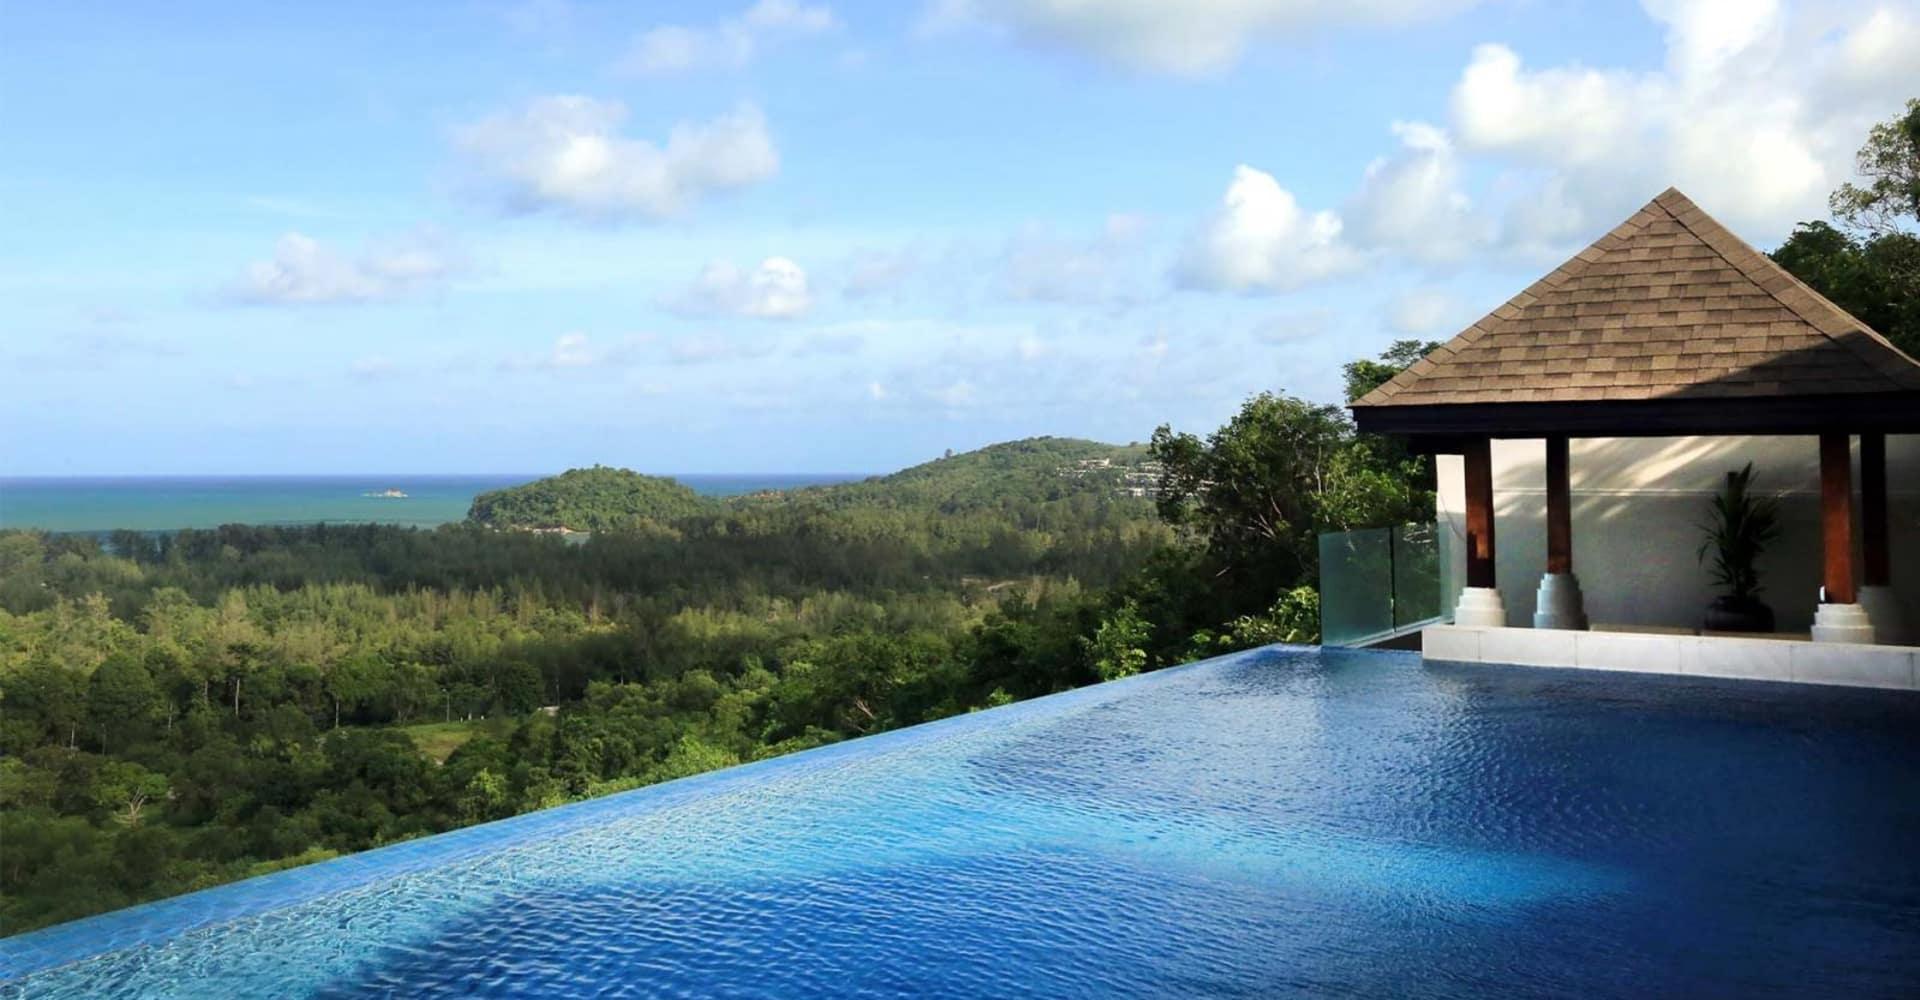 Luxury Pool Villas  - The Pavilions Phuket